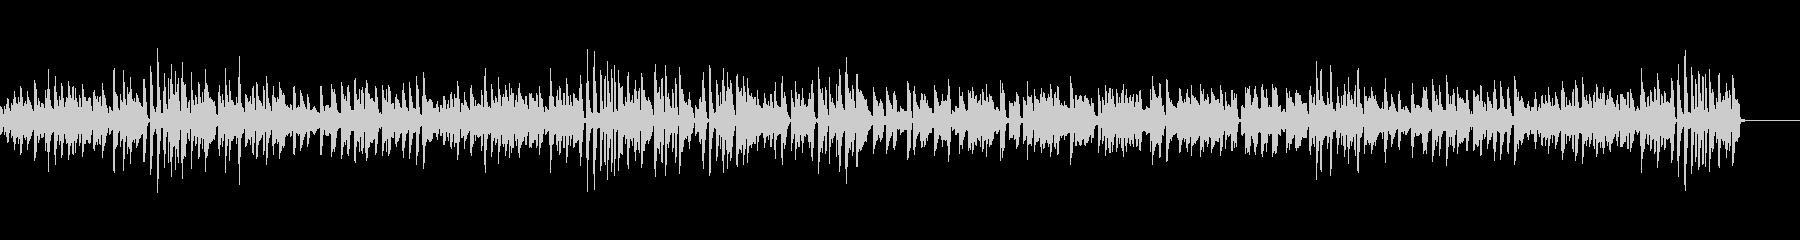 のんびりでのどか ほのぼのピアノBGMの未再生の波形